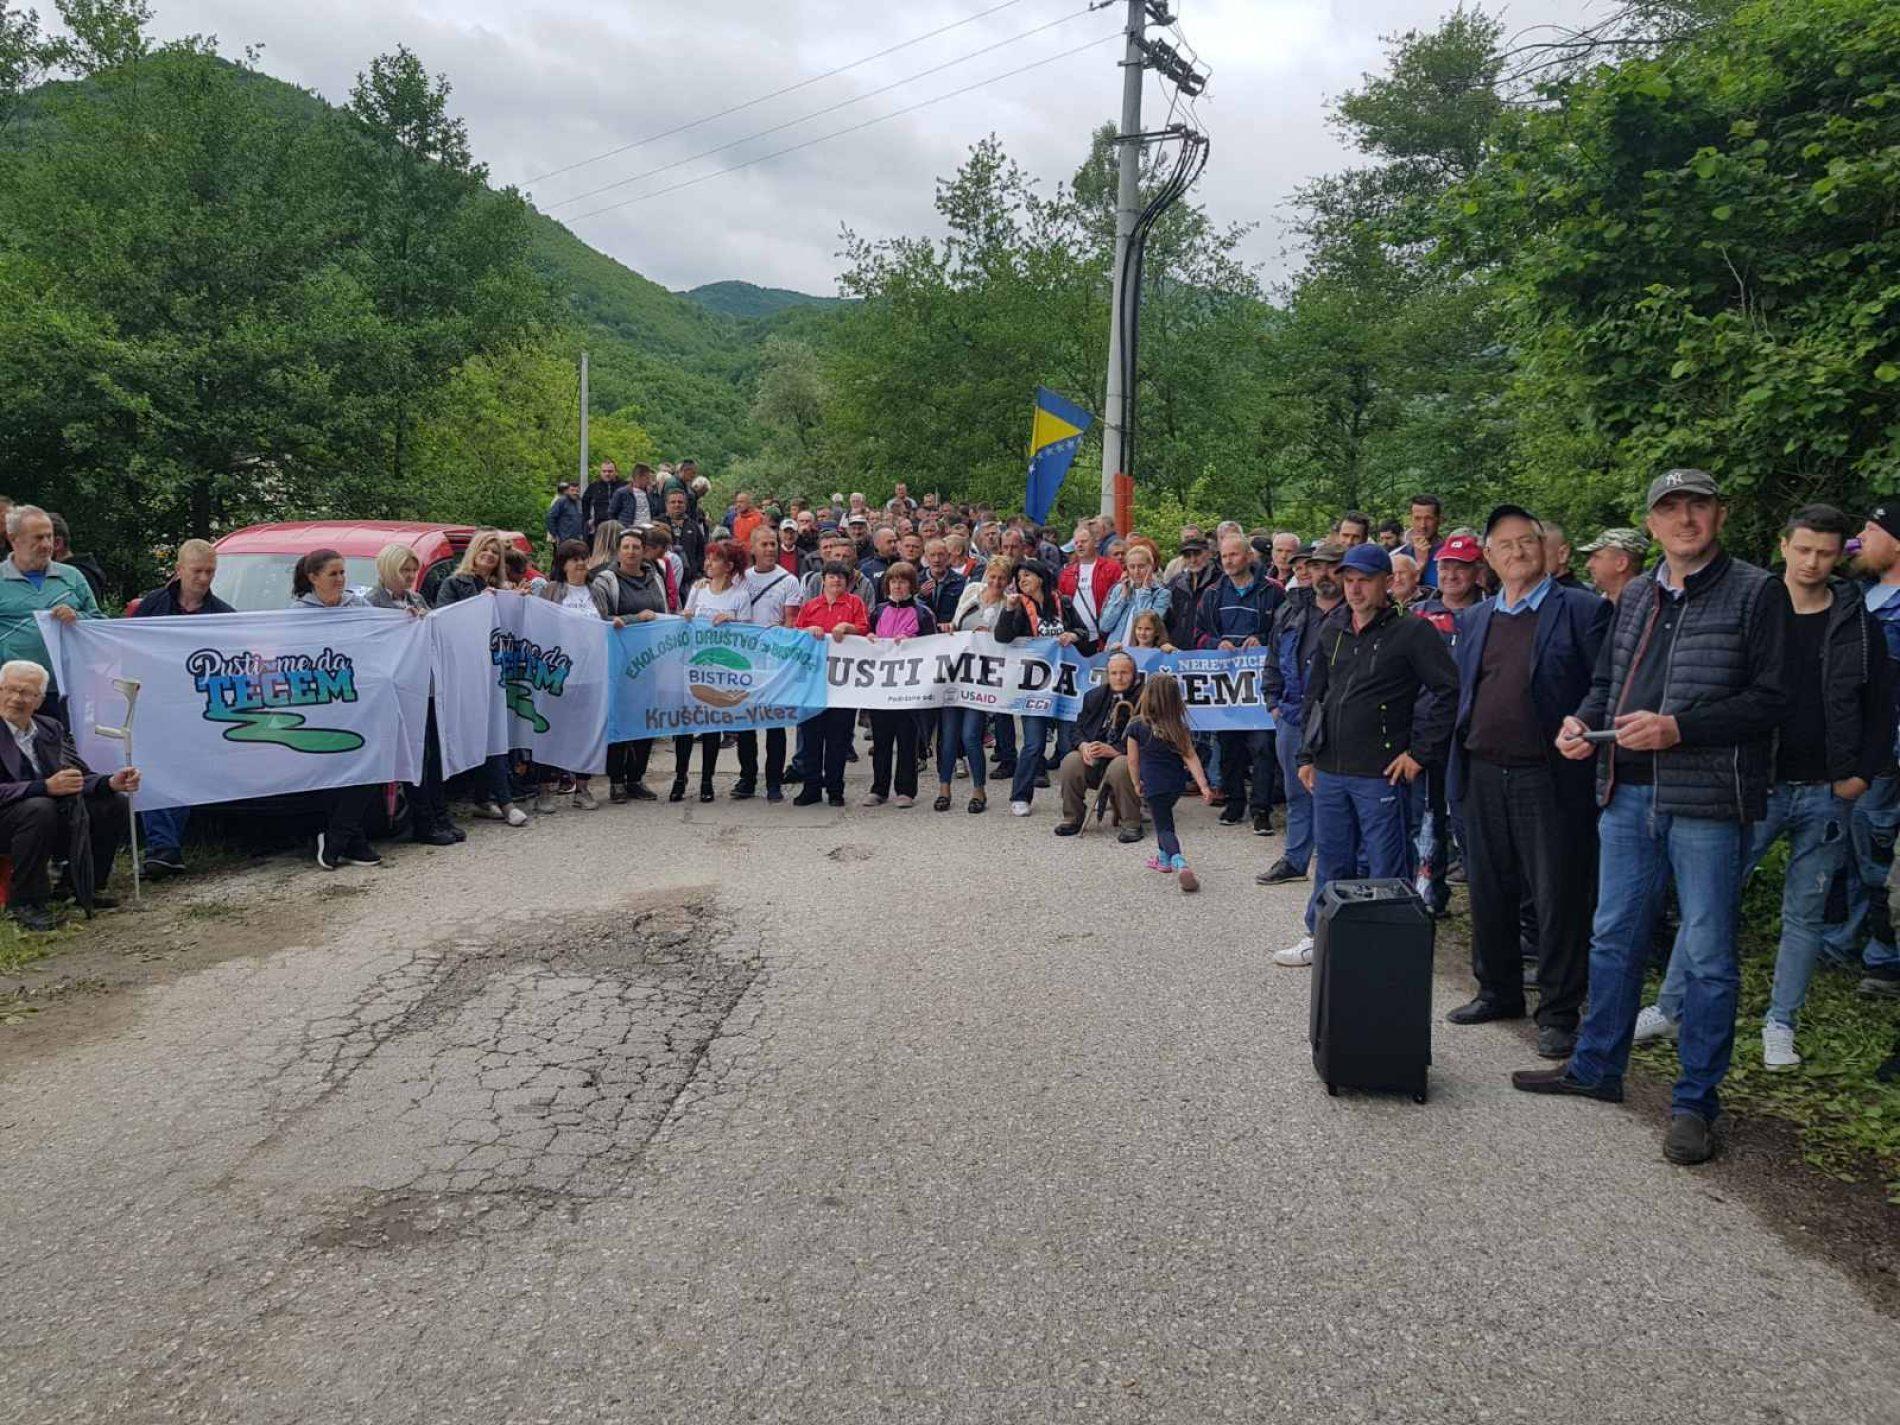 Protesti u Goranskom Polju: Neretvicu ne damo, hidroelektrane nećemo!